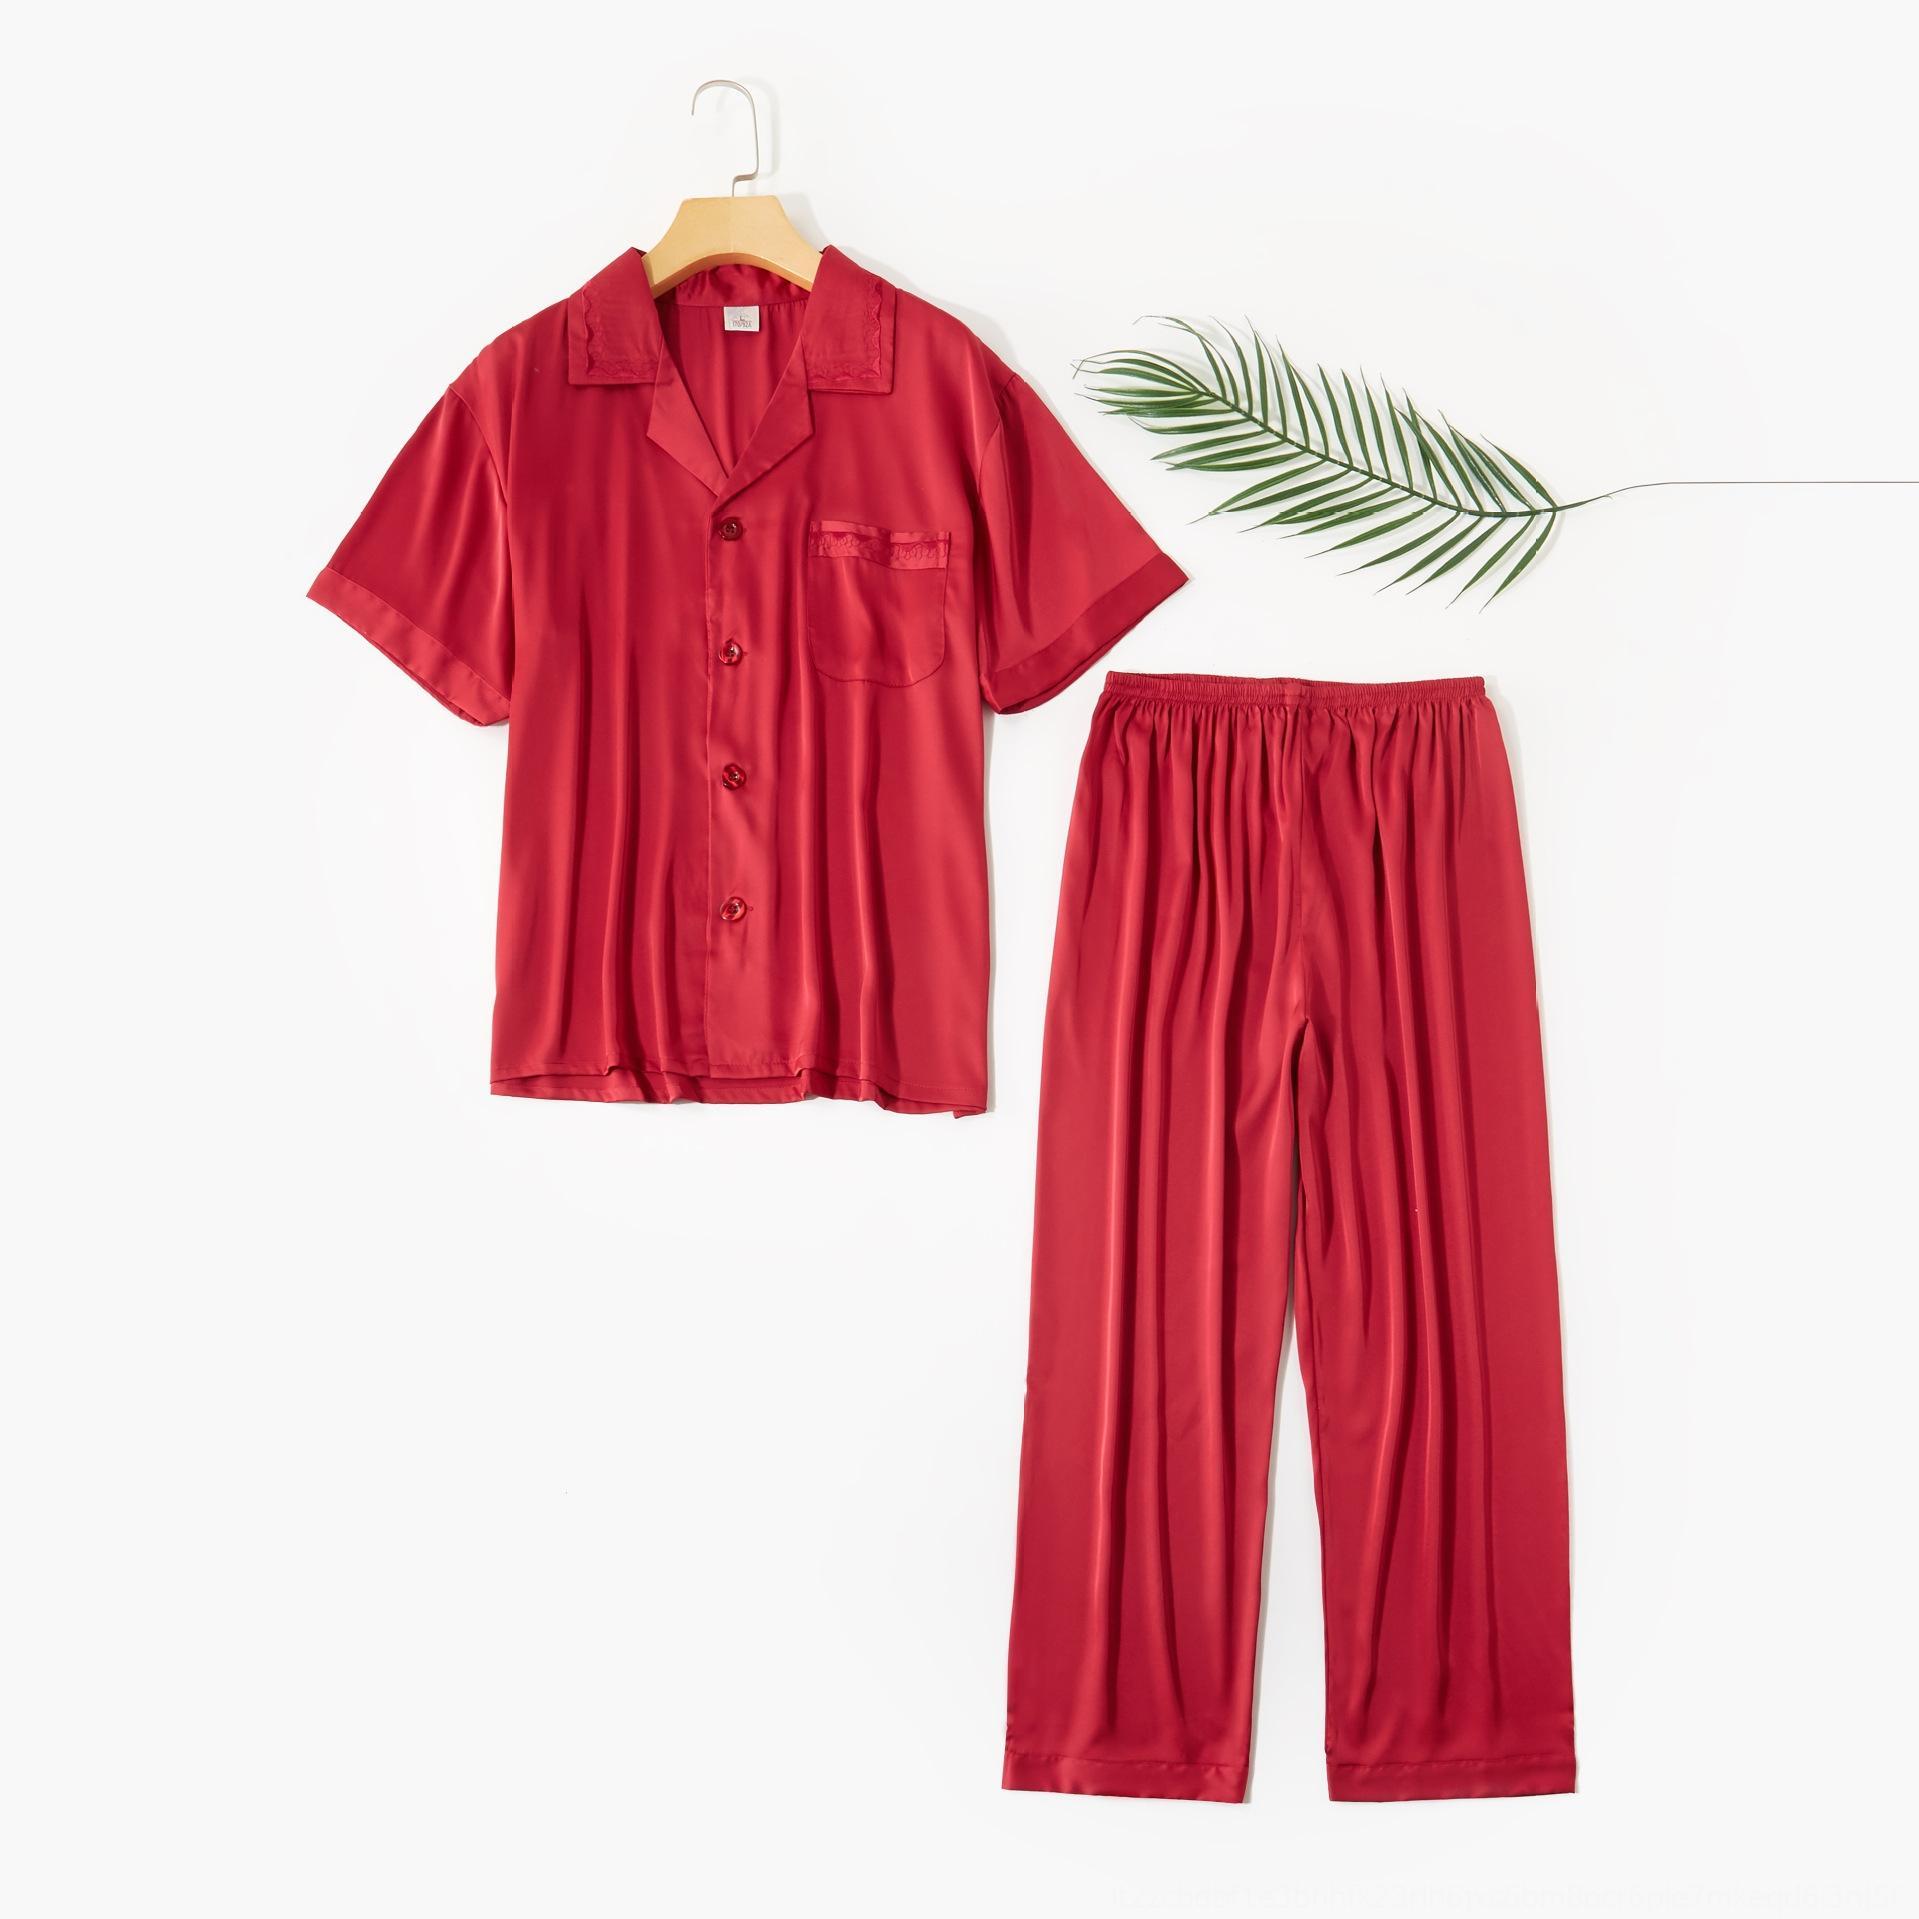 hguWy 2020 molla nuovo raso pigiama degli uomini dei pantaloni di chiffon pantaloni maniche corte tuta pantaloni suitTrousers Vestito del risvolto set sottile casa di moda